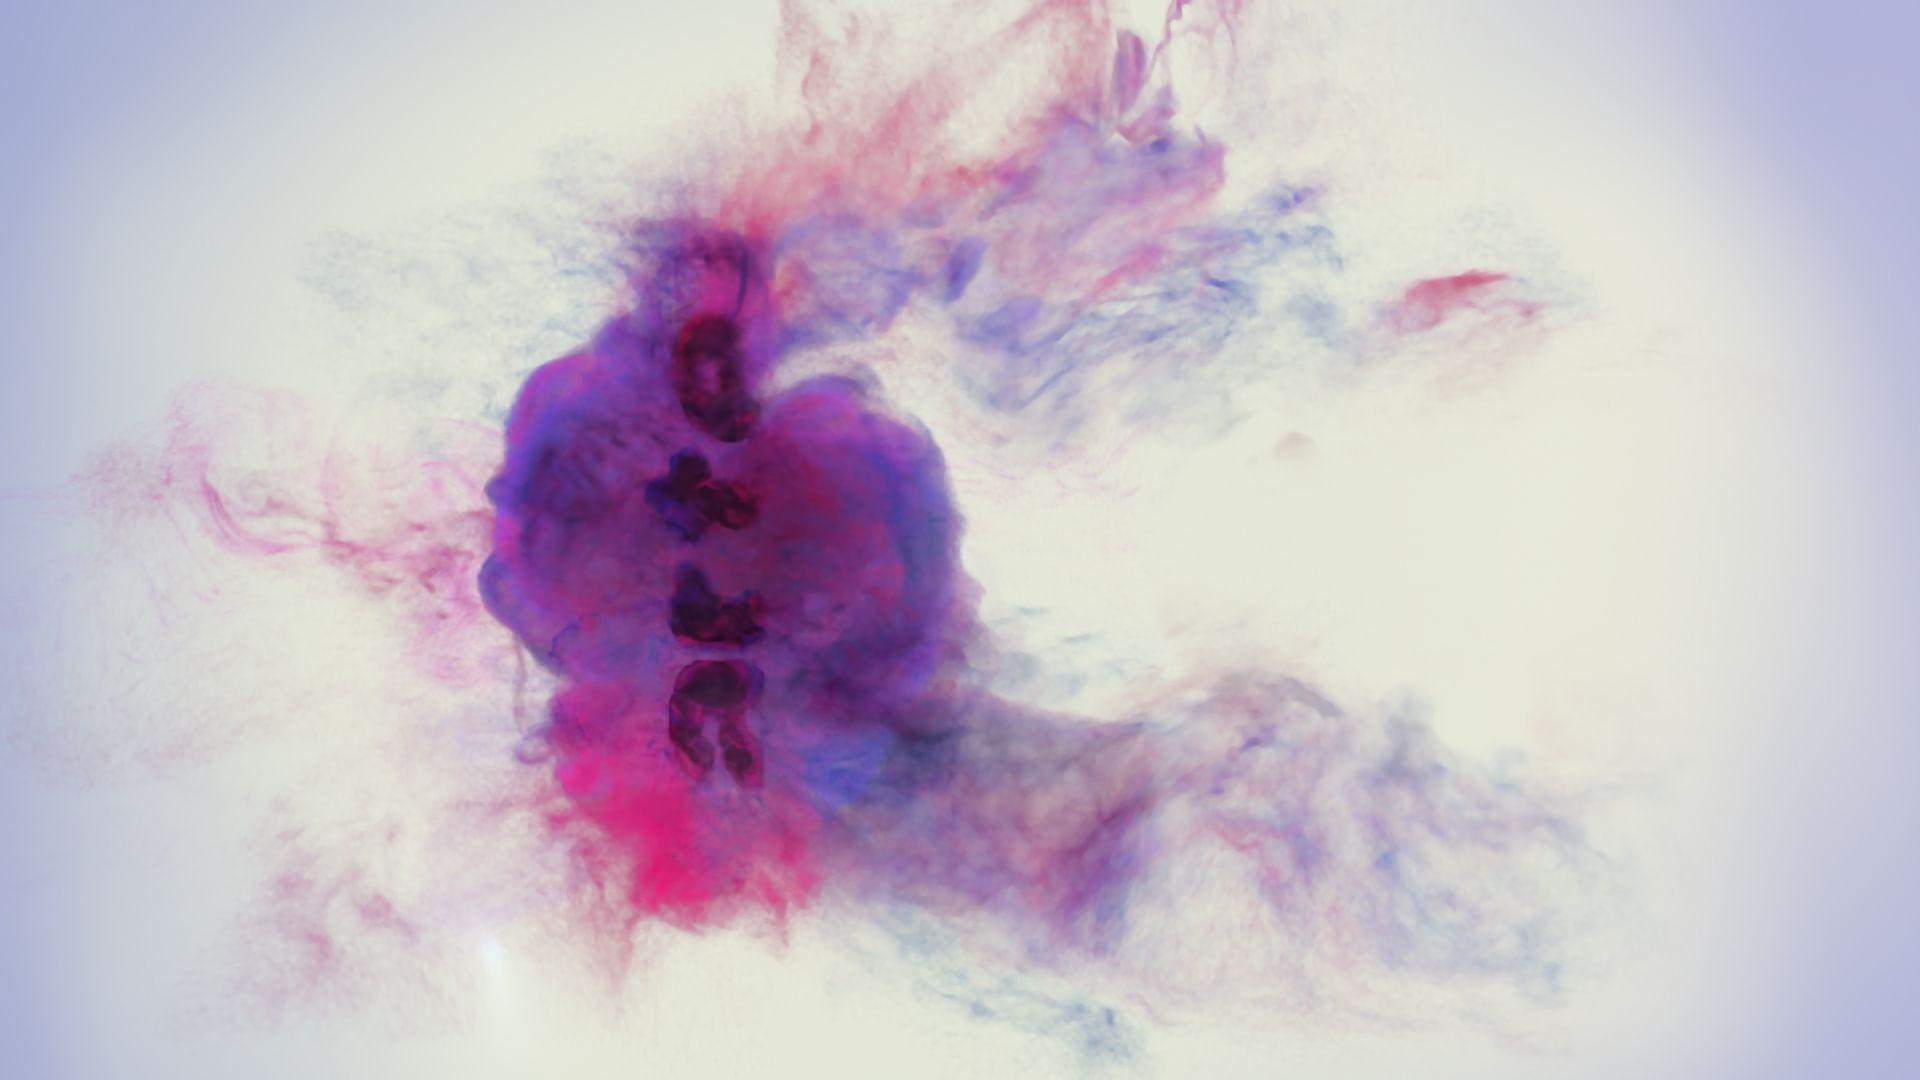 Program TAPE w 3 minuty przedstawi Wam najciekawsze historie z życia i kariery gwiazd muzyki.Od Prince'a przez Black Sabbath aż po Carla Craida czy PJ Harvey.